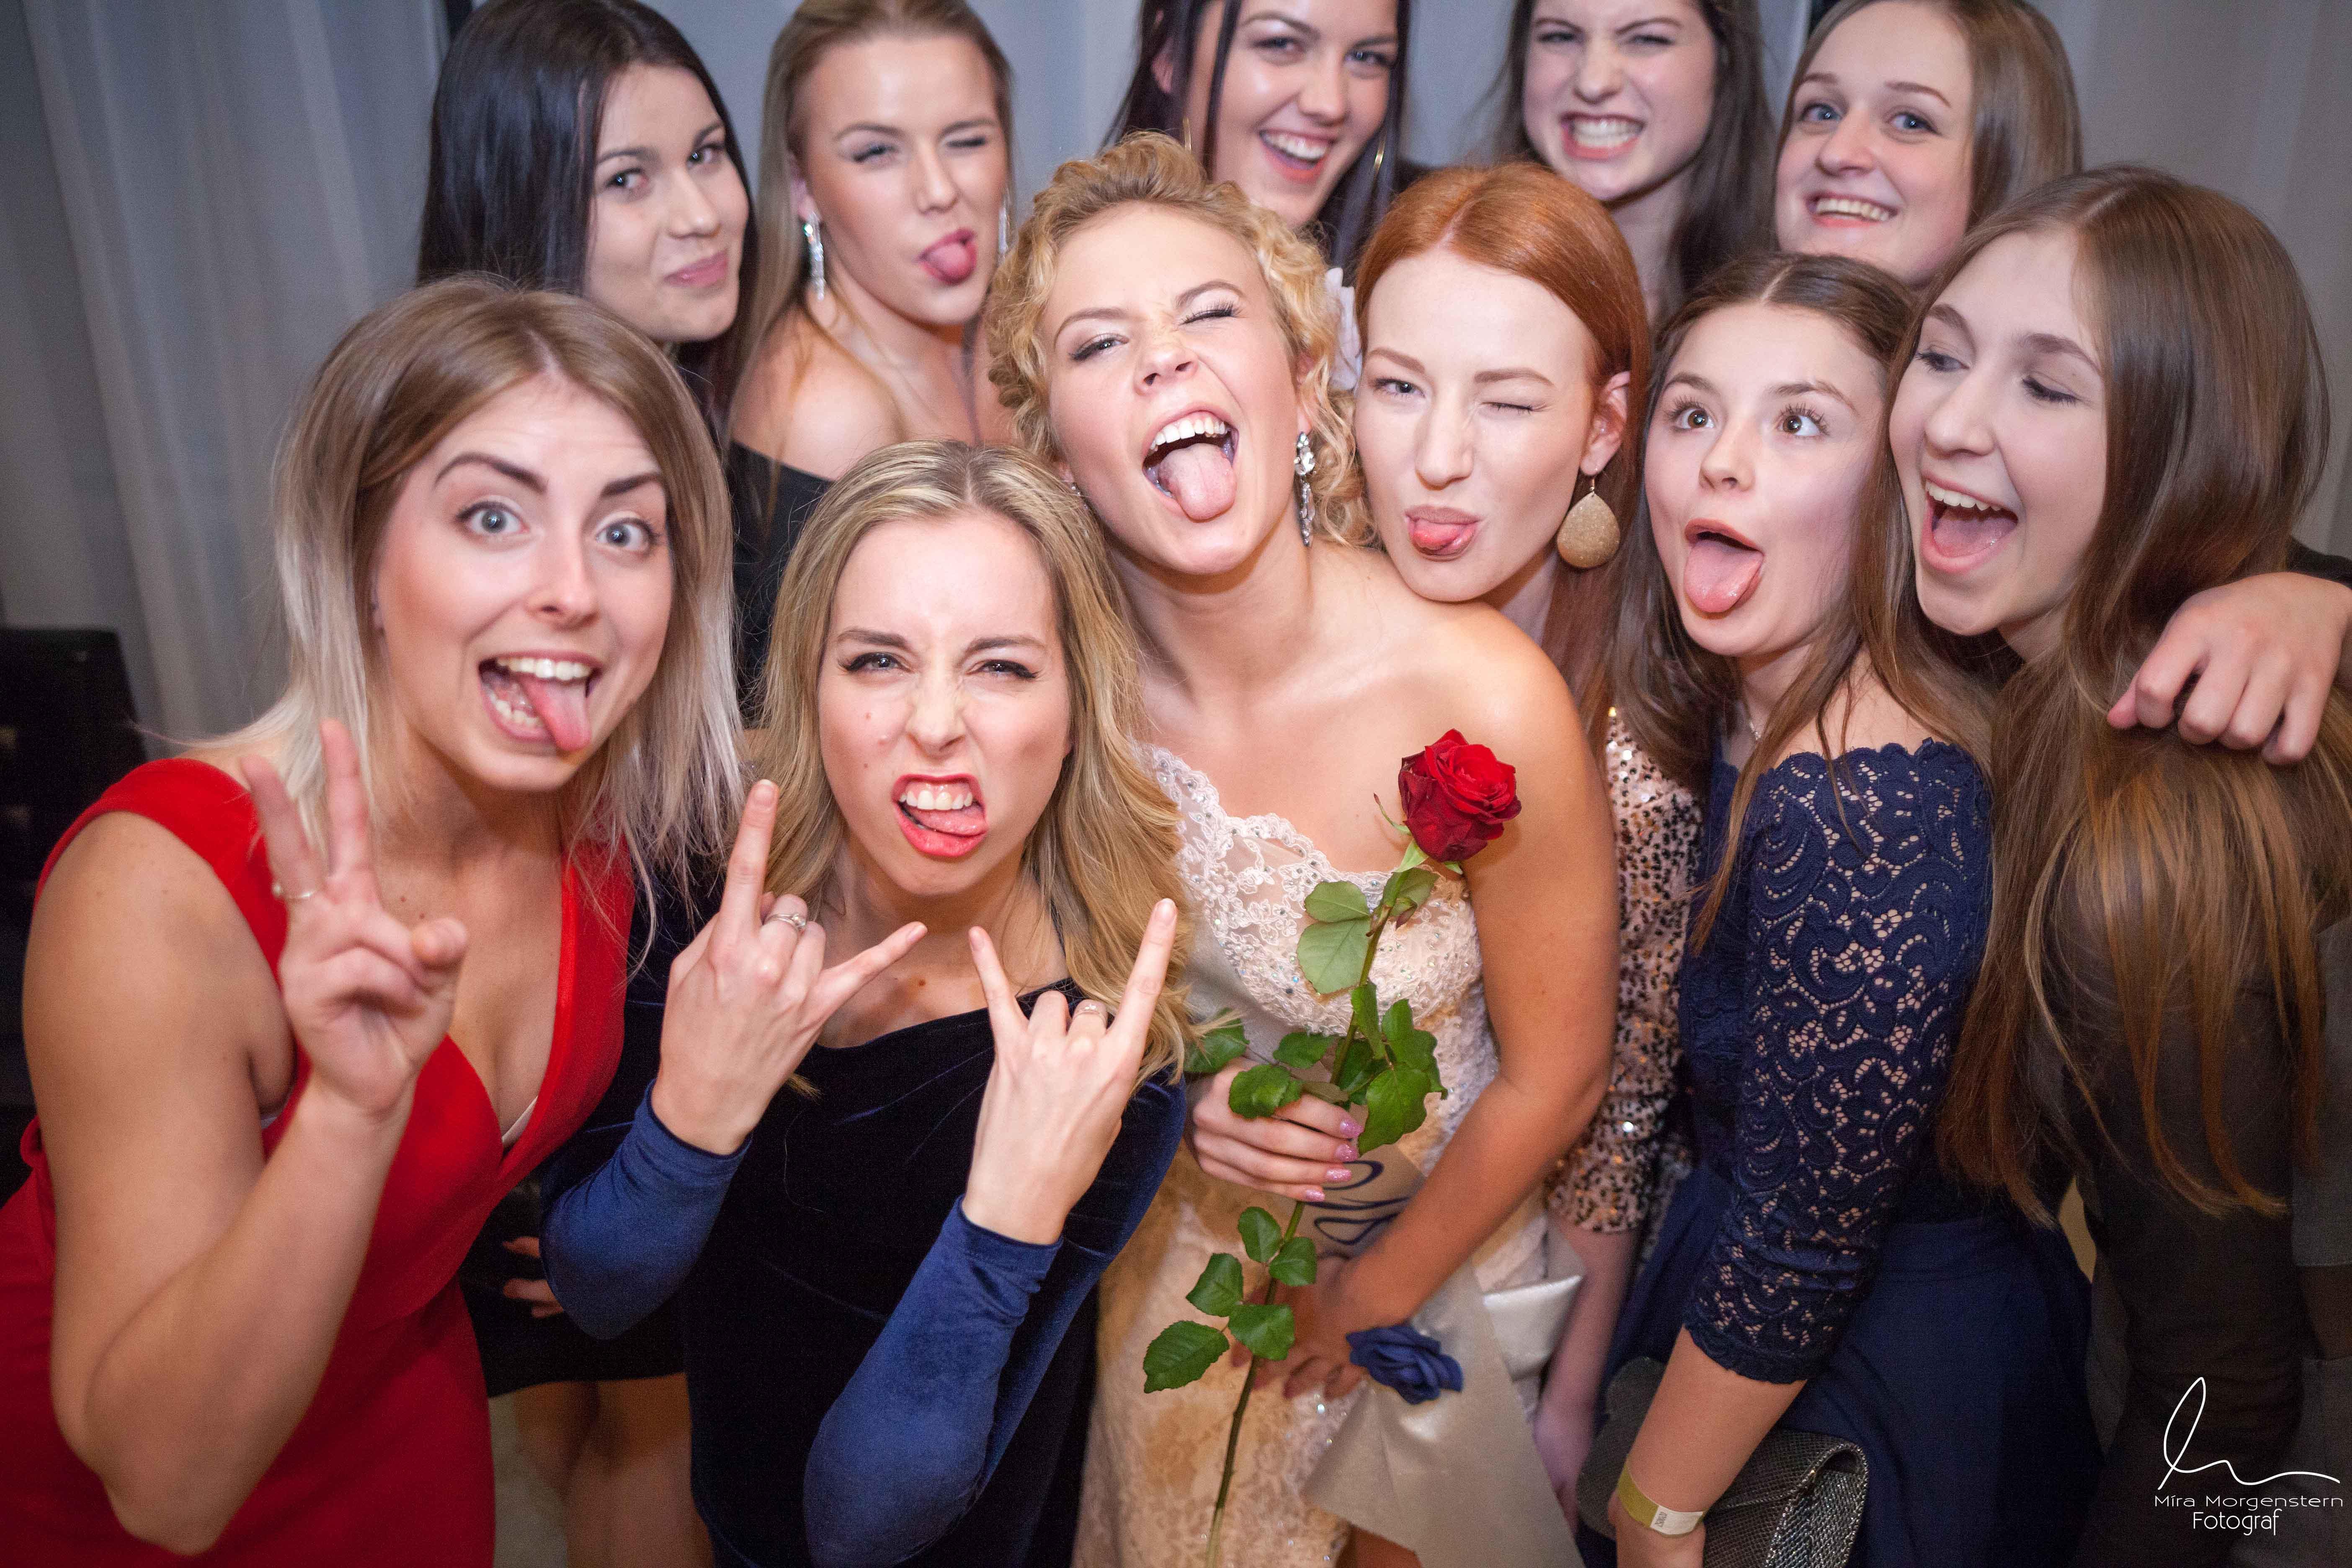 Fotograf - Fotograf maturitních plesů Most Praha- fotograf akcí partyFotograf - Fotograf maturitních plesů Most Praha- fotograf akcí party